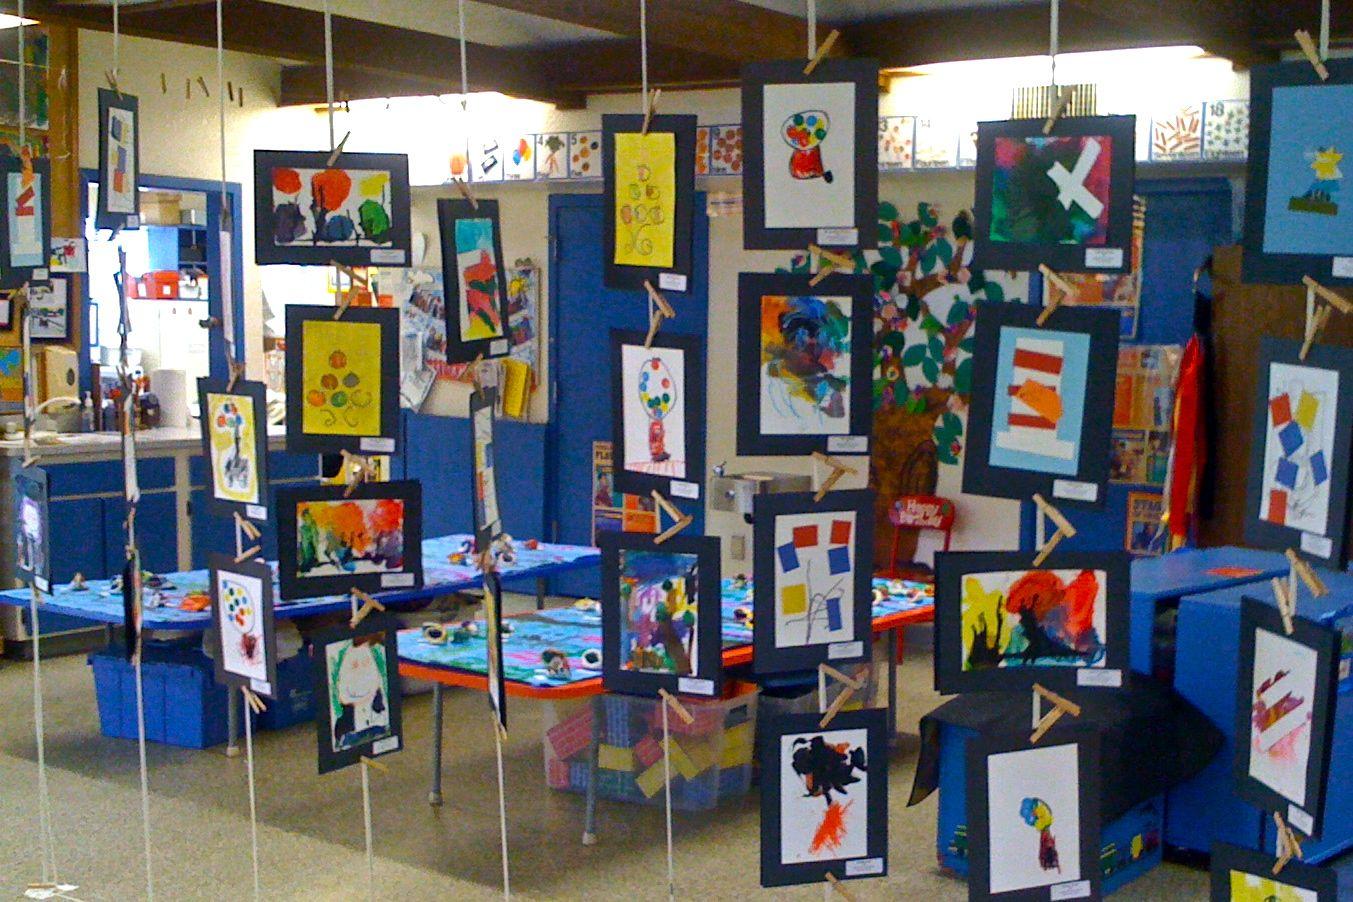 Kids art market art show at sutterville preschool for Art craft shows